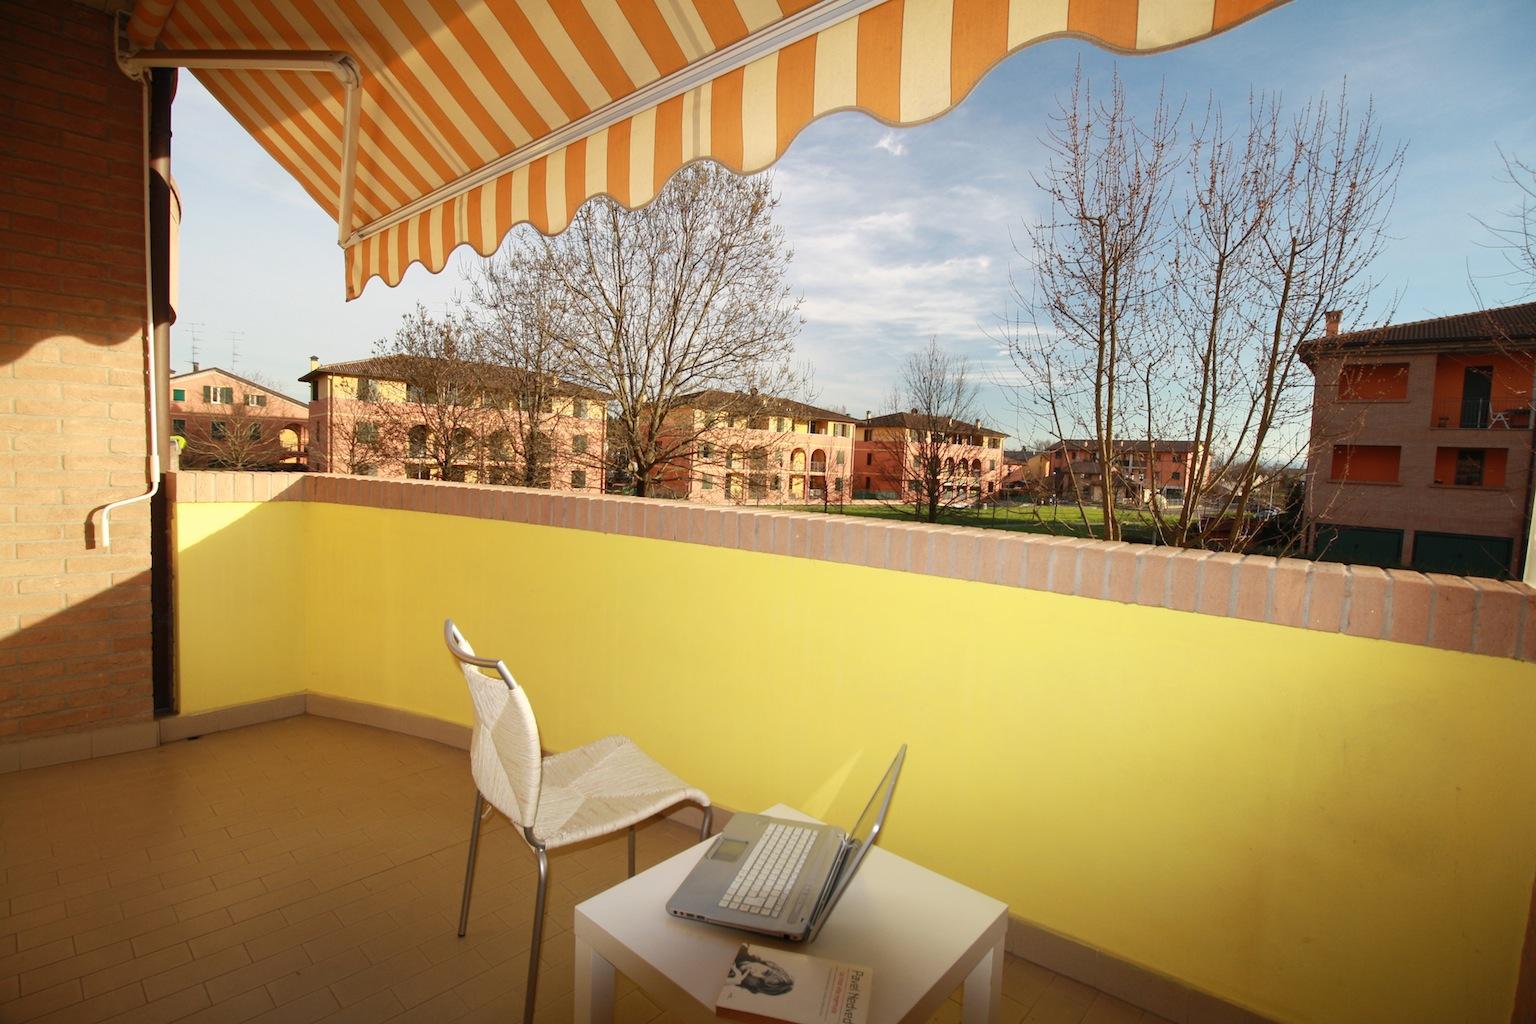 Appartamento in vendita a Campegine, 1 locali, prezzo € 95.000 | CambioCasa.it